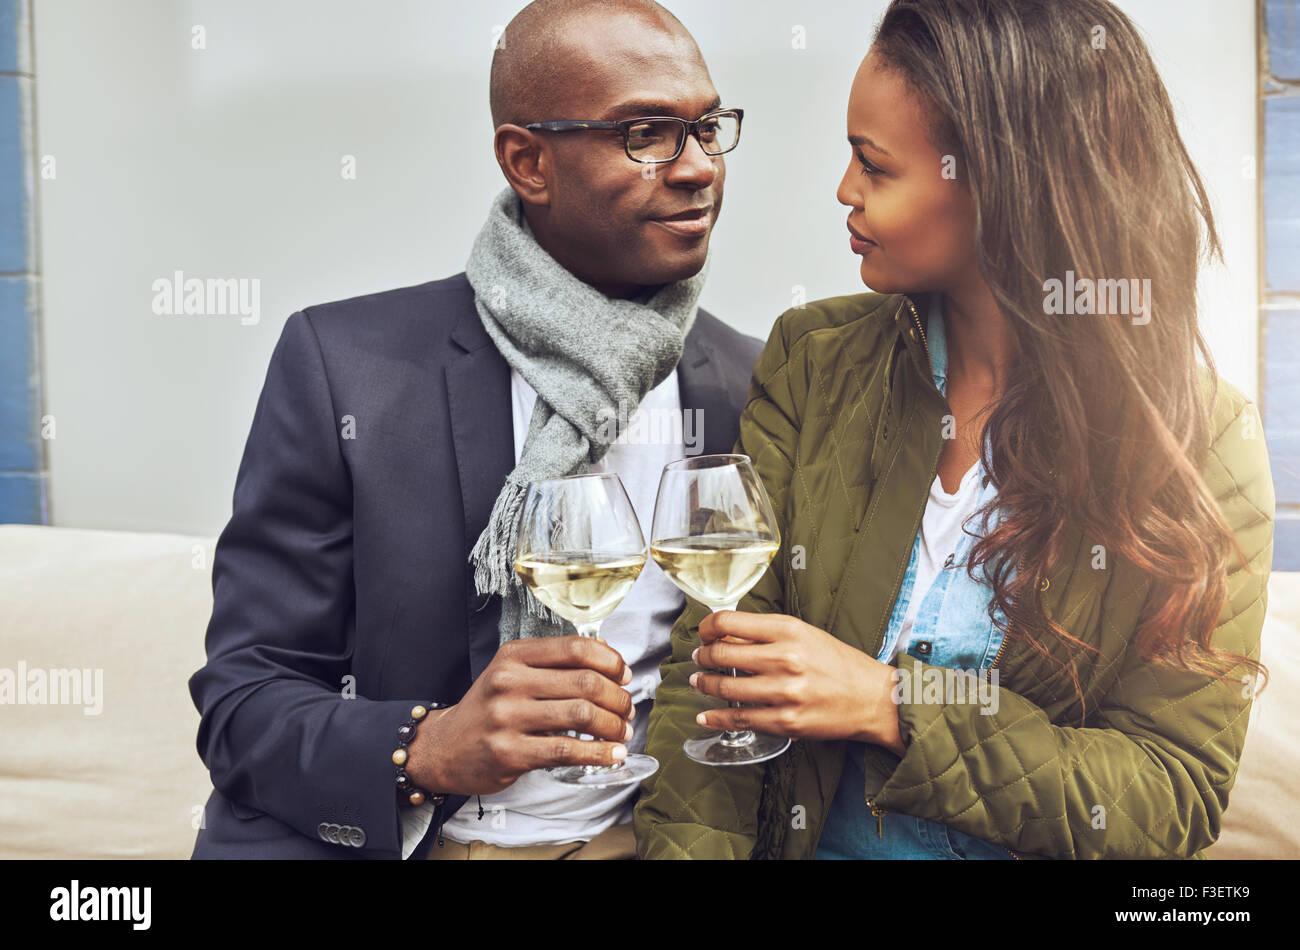 Liebevolle afrikanische amerikanische Paar in eine enge Umarmung einander Toasten mit Weißwein, wie Sie tief Stockbild